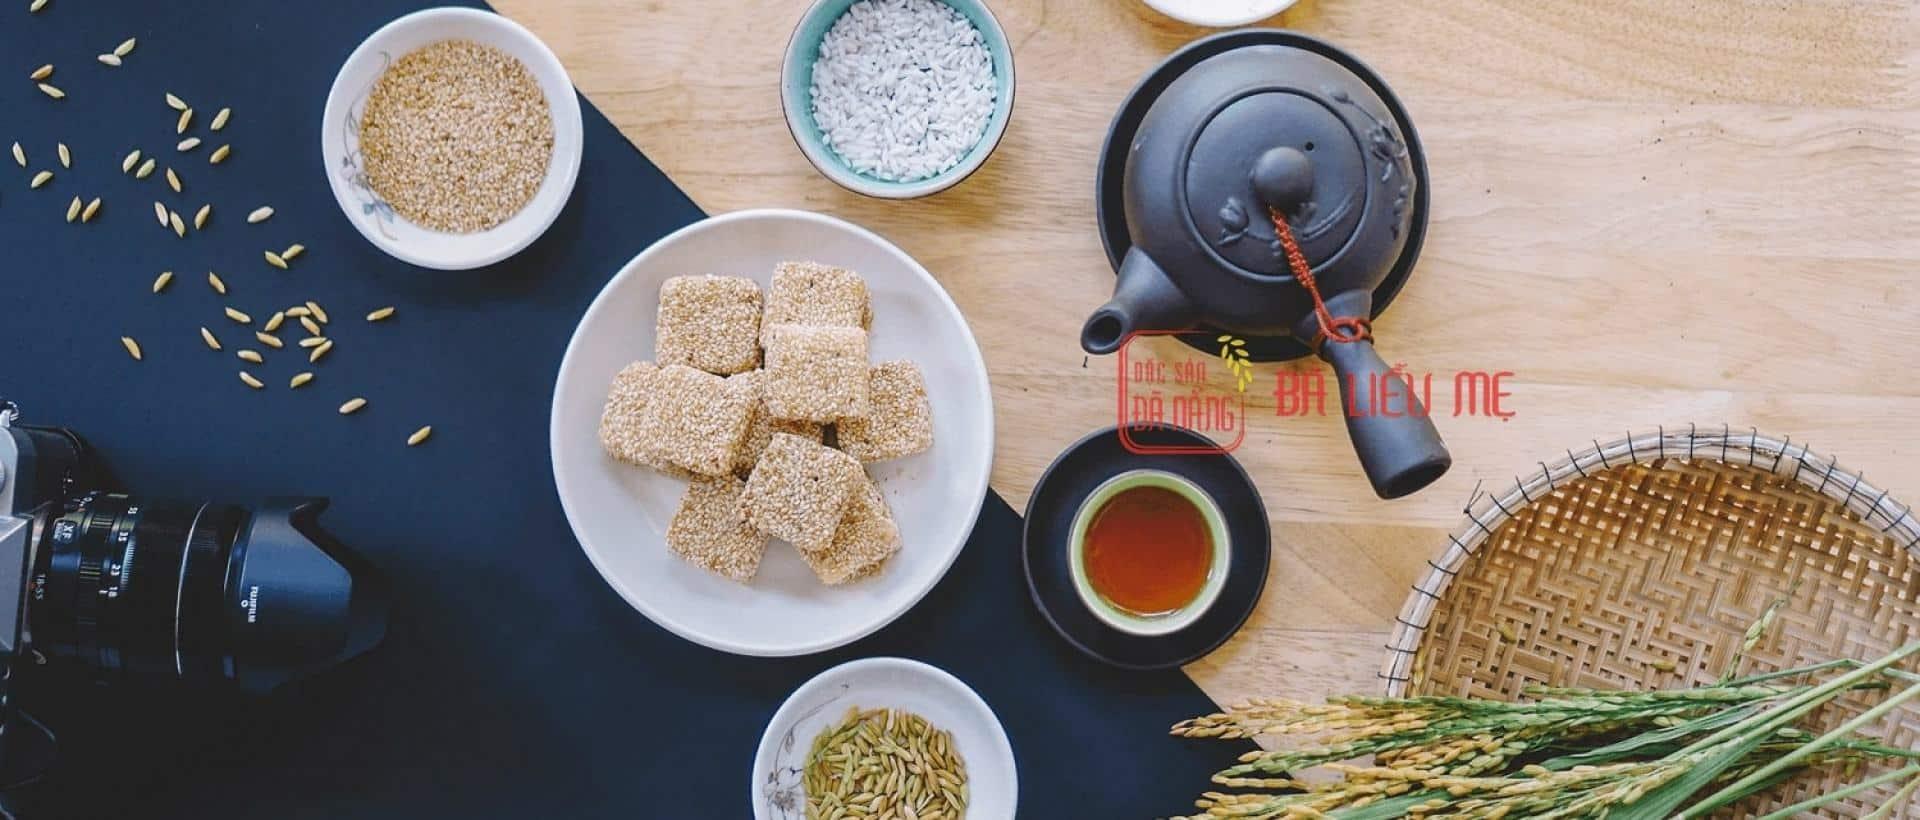 Bánh khô mè Bà Liễu Mẹ | Đặc sản Đà Nẵng | Đặc sản khô Đà Nẵng làm quà